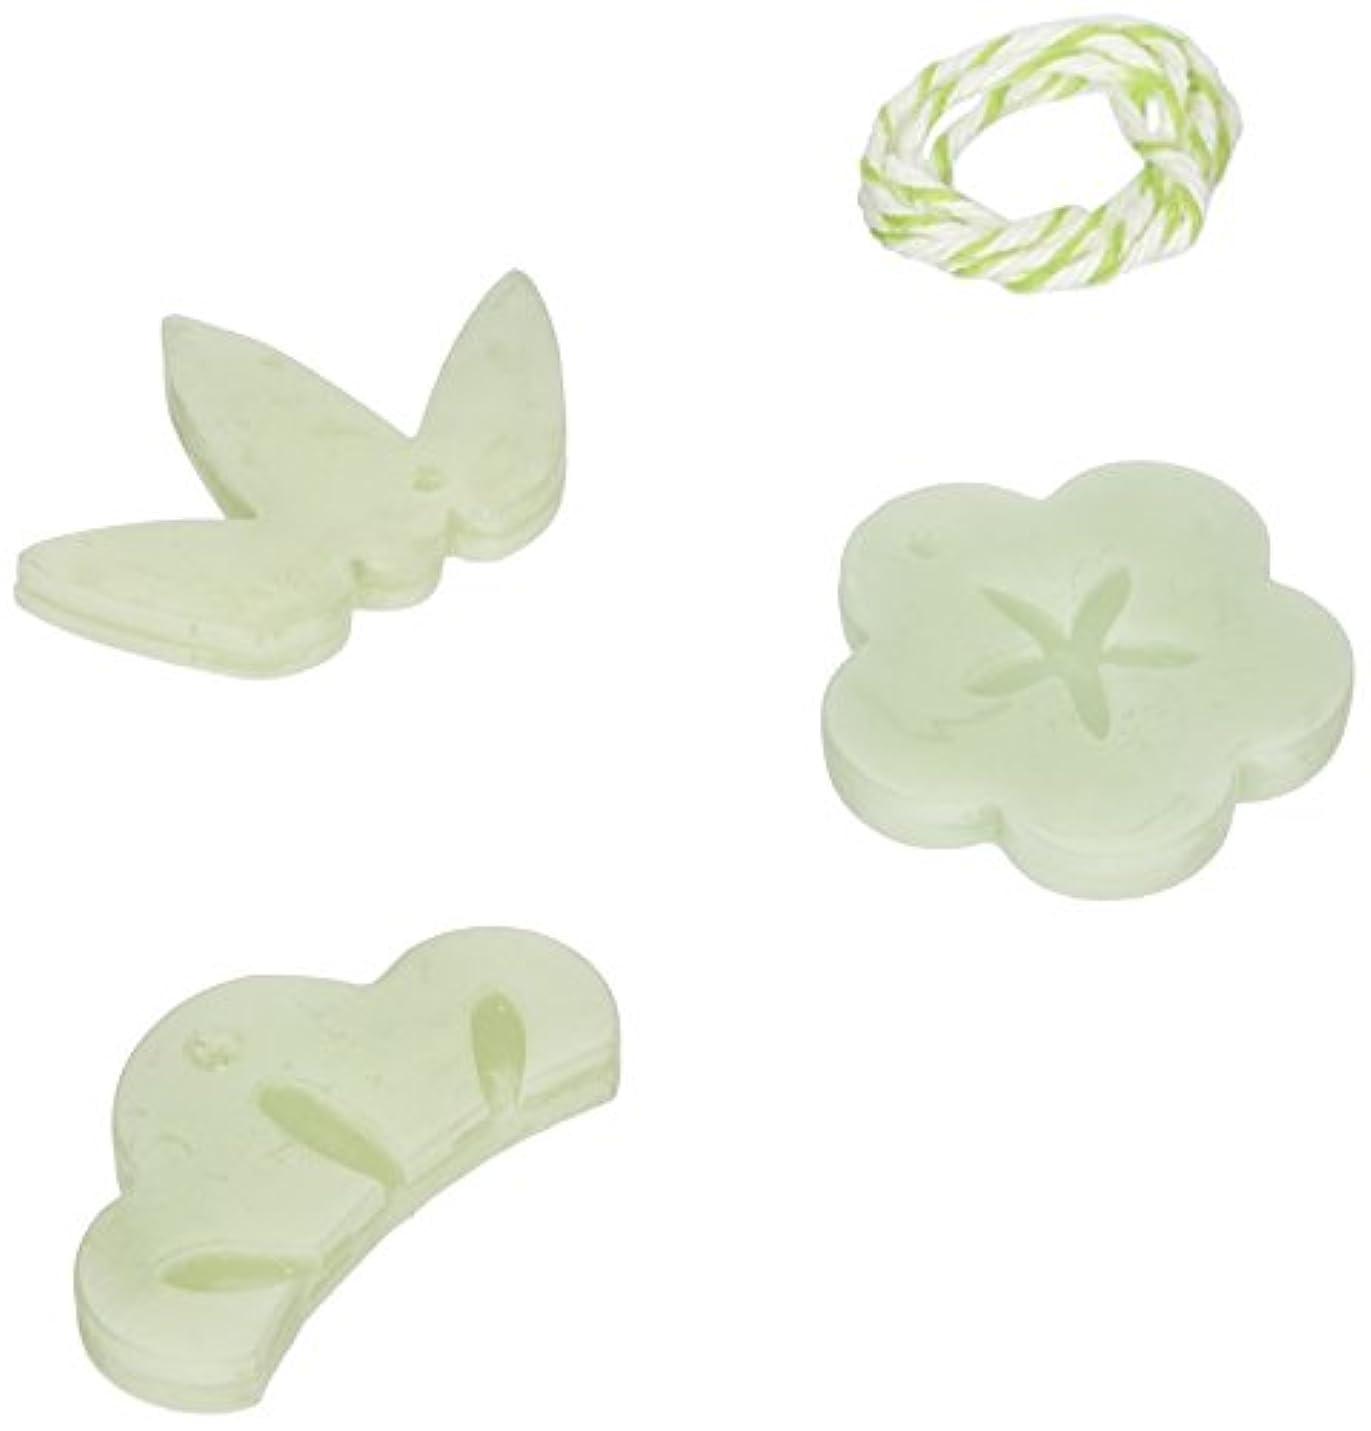 弾薬パパ概念GRASSE TOKYO AROMATICWAXチャーム「松竹梅」(GR) レモングラス アロマティックワックス グラーストウキョウ